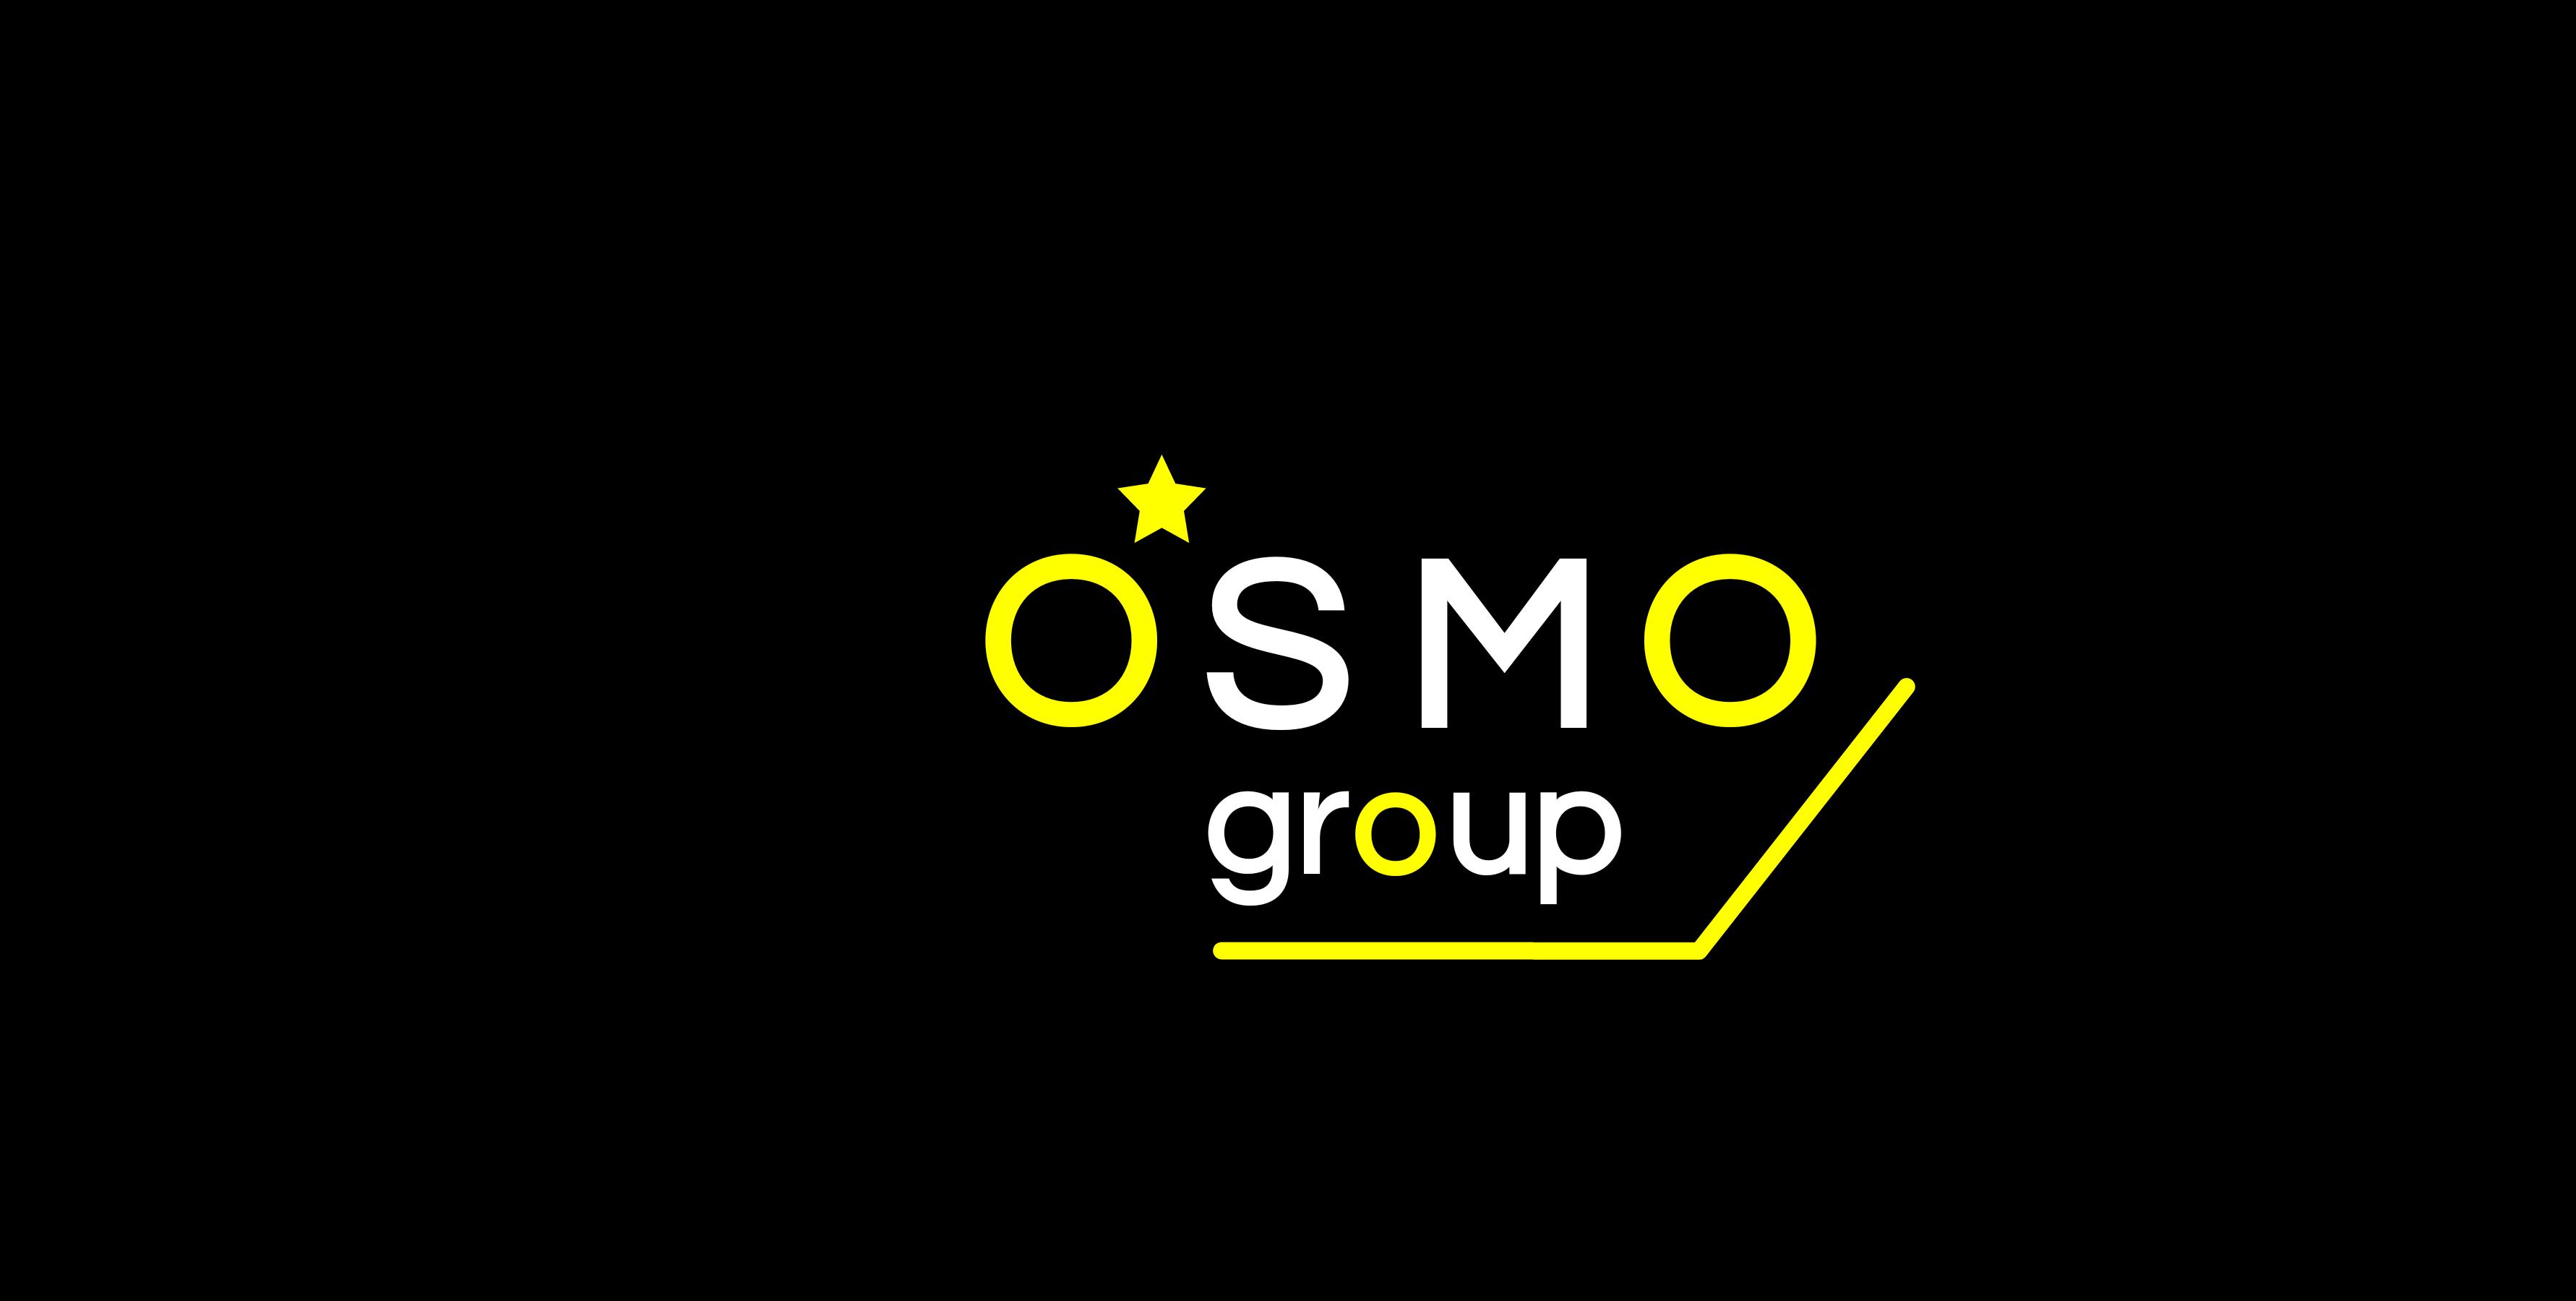 Создание логотипа для строительной компании OSMO group  фото f_25359b6c06976c5a.png